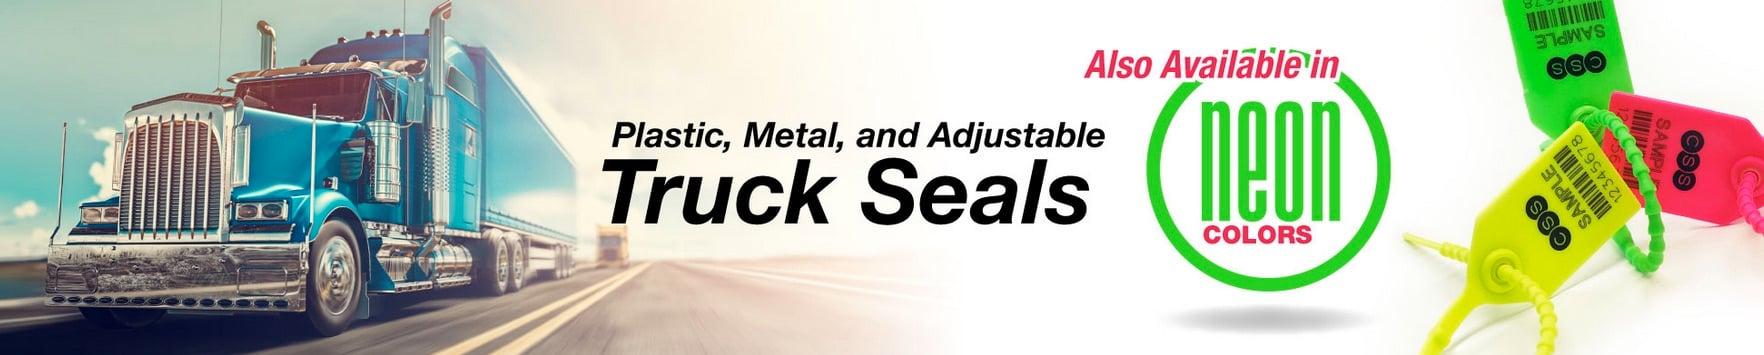 truck seals cta